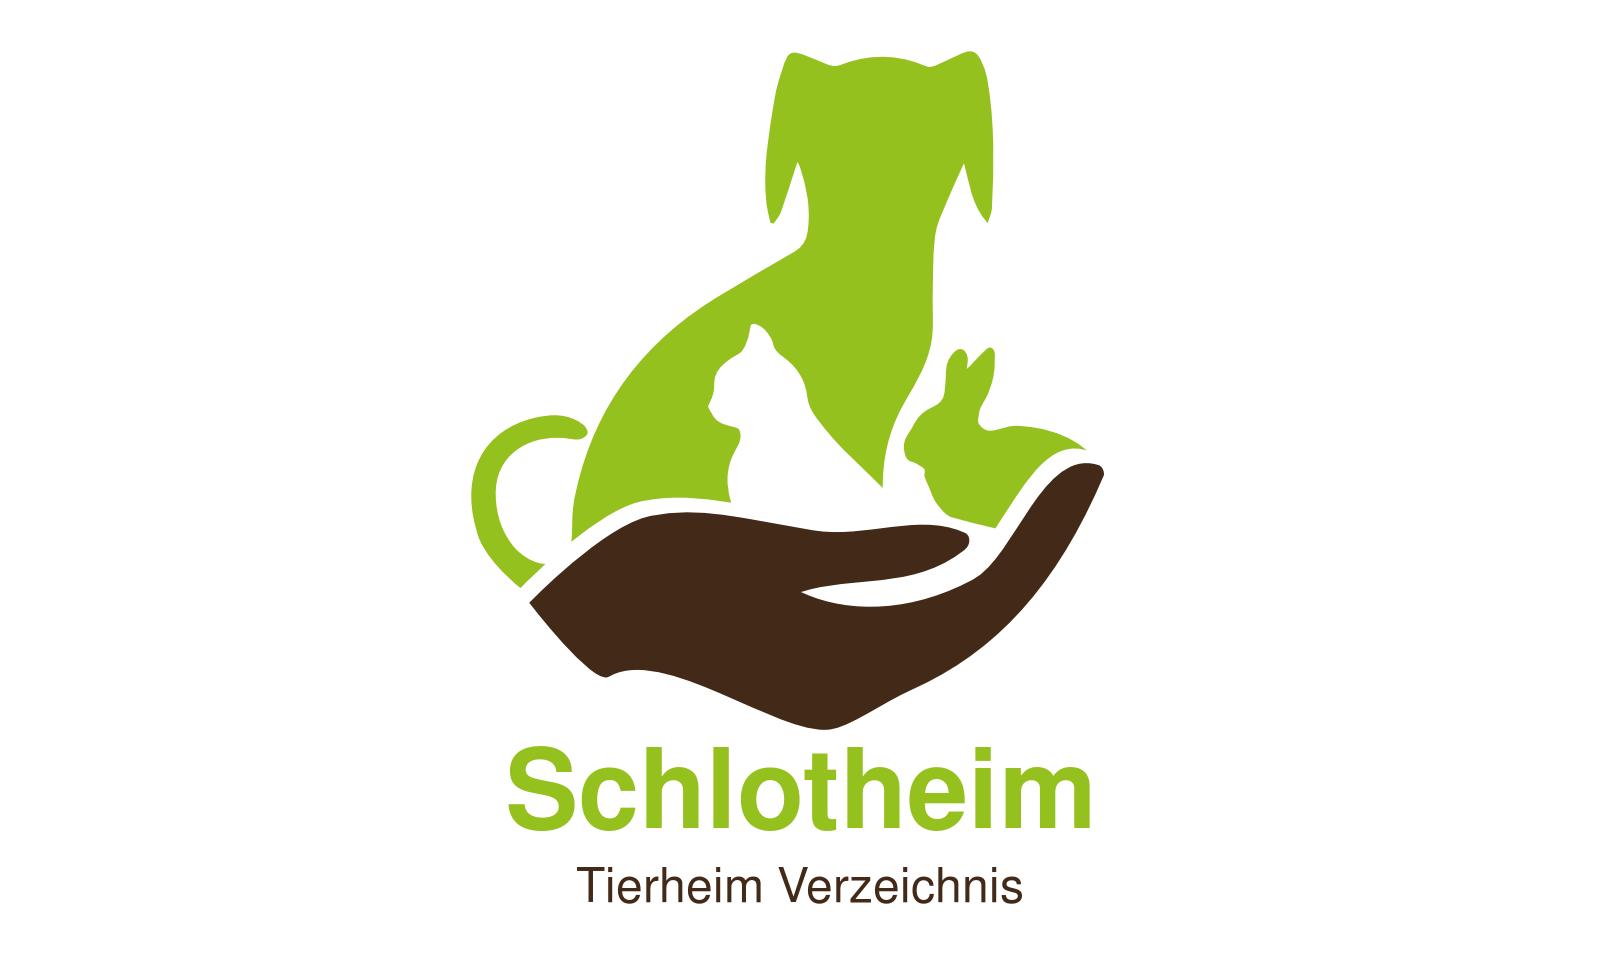 Tierheim Schlotheim